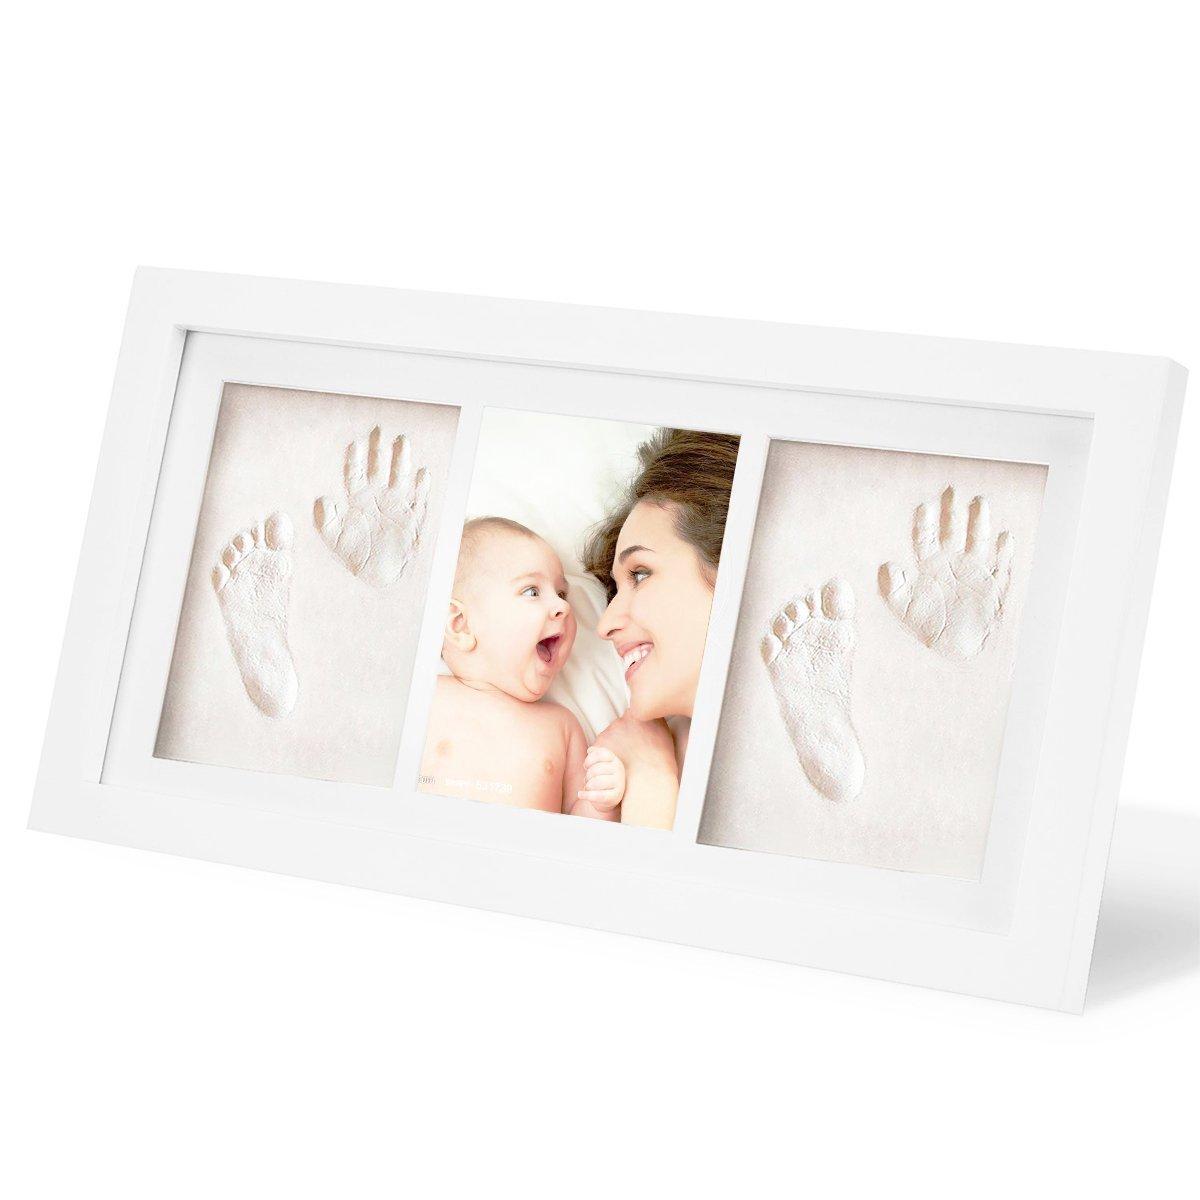 Regalos Originales para el Reci/én Nacido y Fiesta de Bienvenida al Beb/é Marco de madera s/ólida SOLEILER beb/é Handprint y huella Marco de fotos